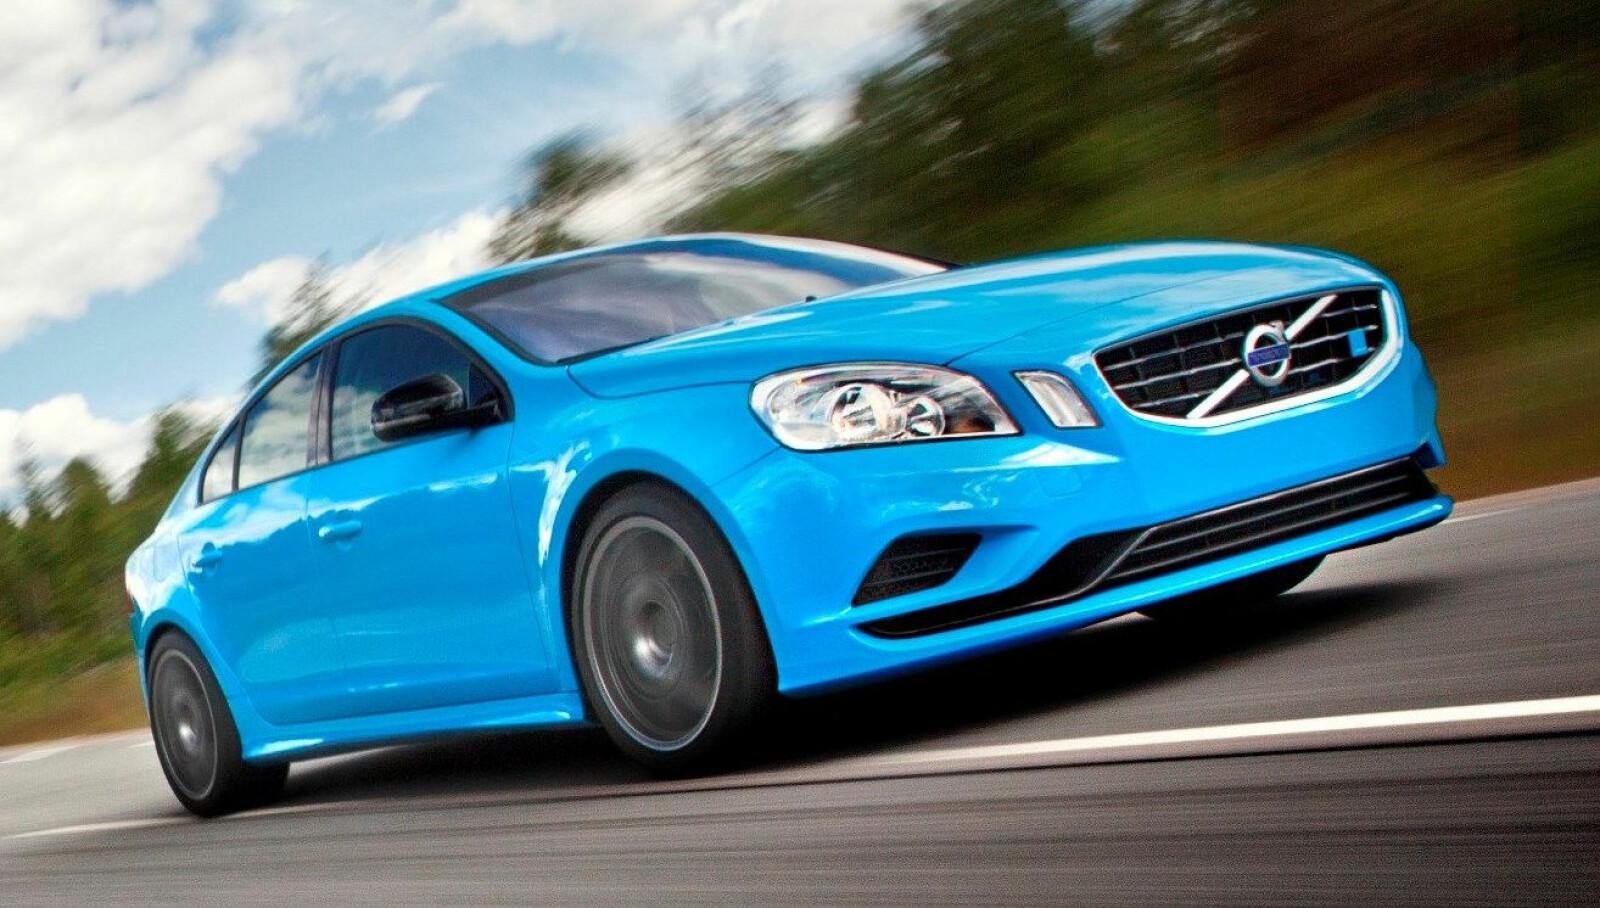 <b><SPAN CLASS=BOLD><STRONG>KONSEPT:</b></strong></span> Volvo S60 med over 500 hestekrefter. Dette var Polestar Concept fra 2012.